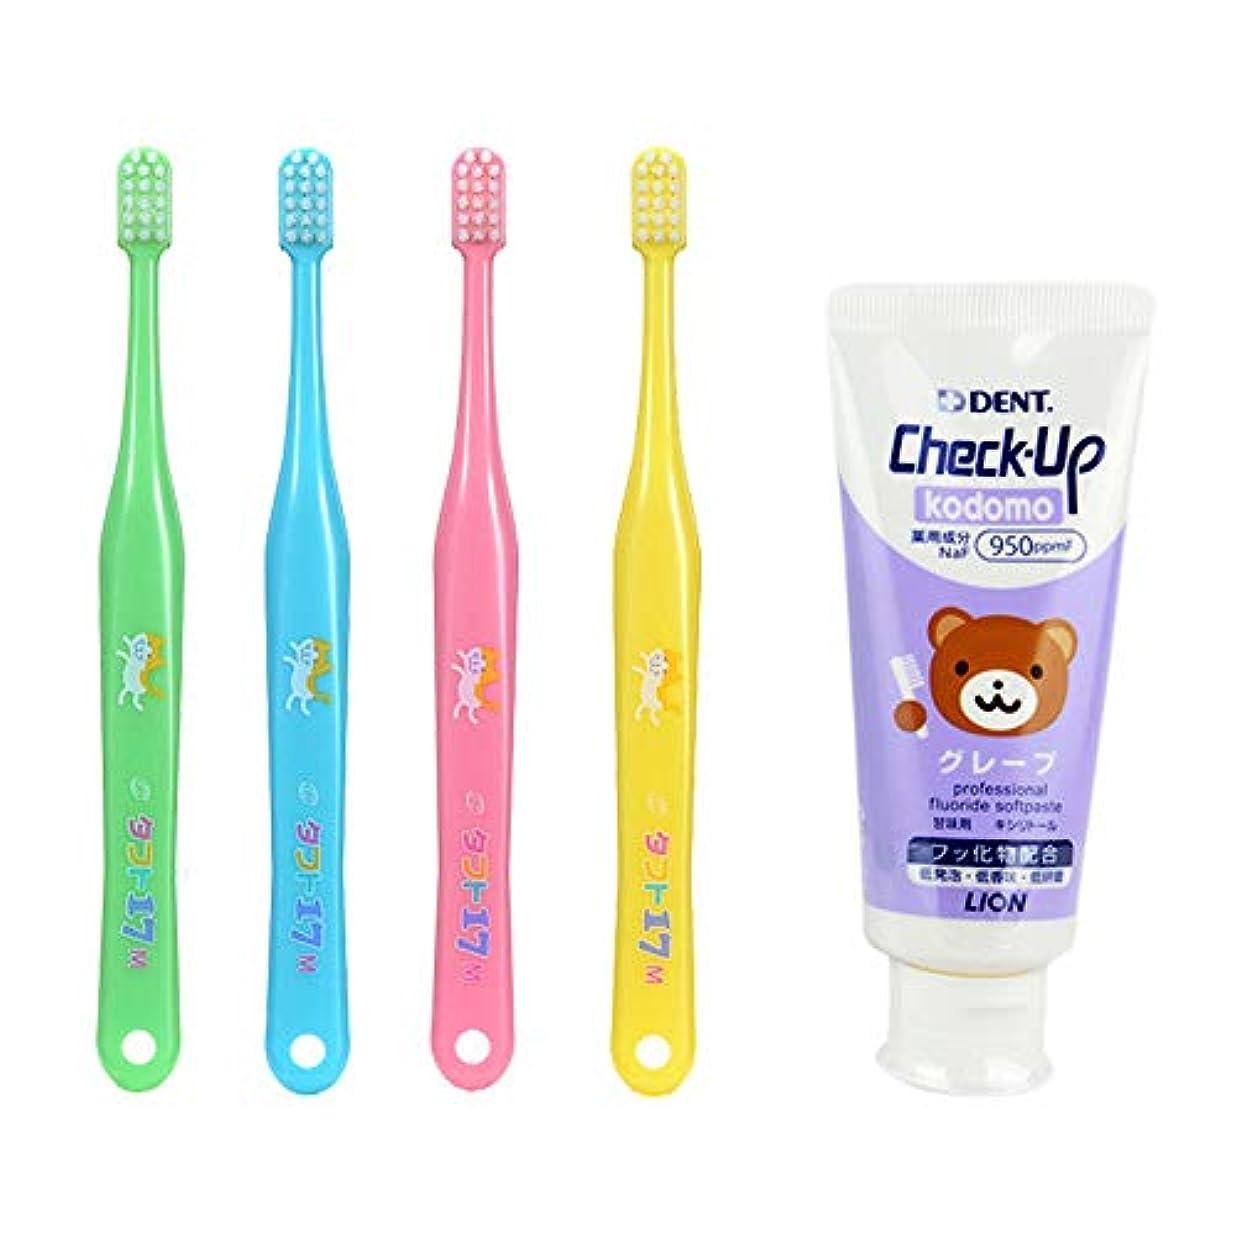 時間とともに半導体湿ったタフト17 M(ふつう) 子ども 歯ブラシ 10本 + チェックアップ コドモ 60g (グレープ) 歯磨き粉 歯科専売品